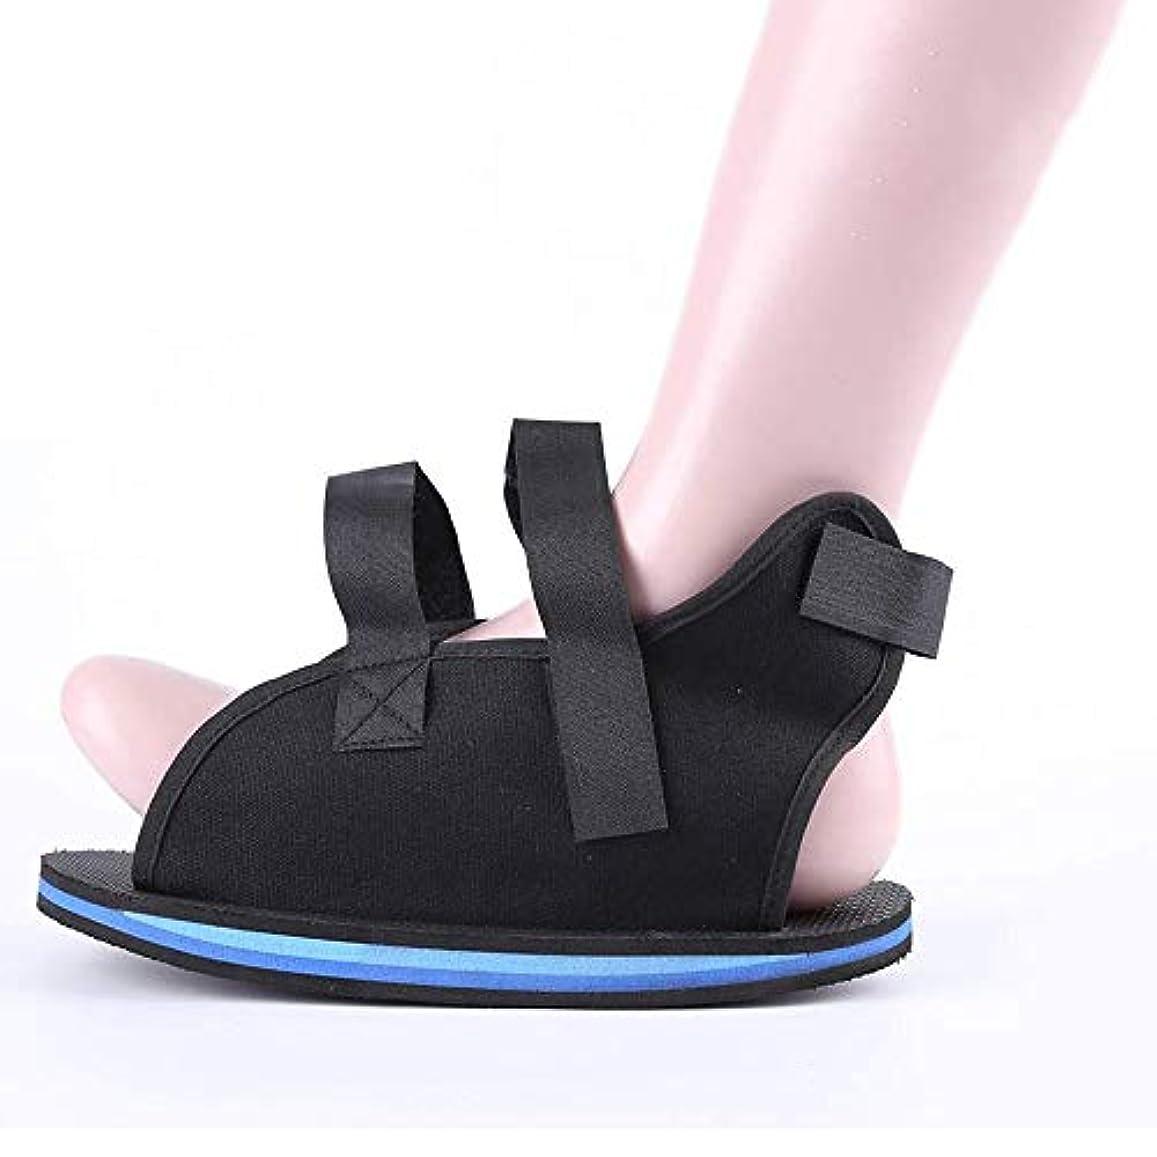 手術十一サポート壊れたつま先/足の骨折のための術後靴 - カスタムフィットのための調節可能なストラップ付きの軽量医療ウォーキングブーツシューズ (Size : S)